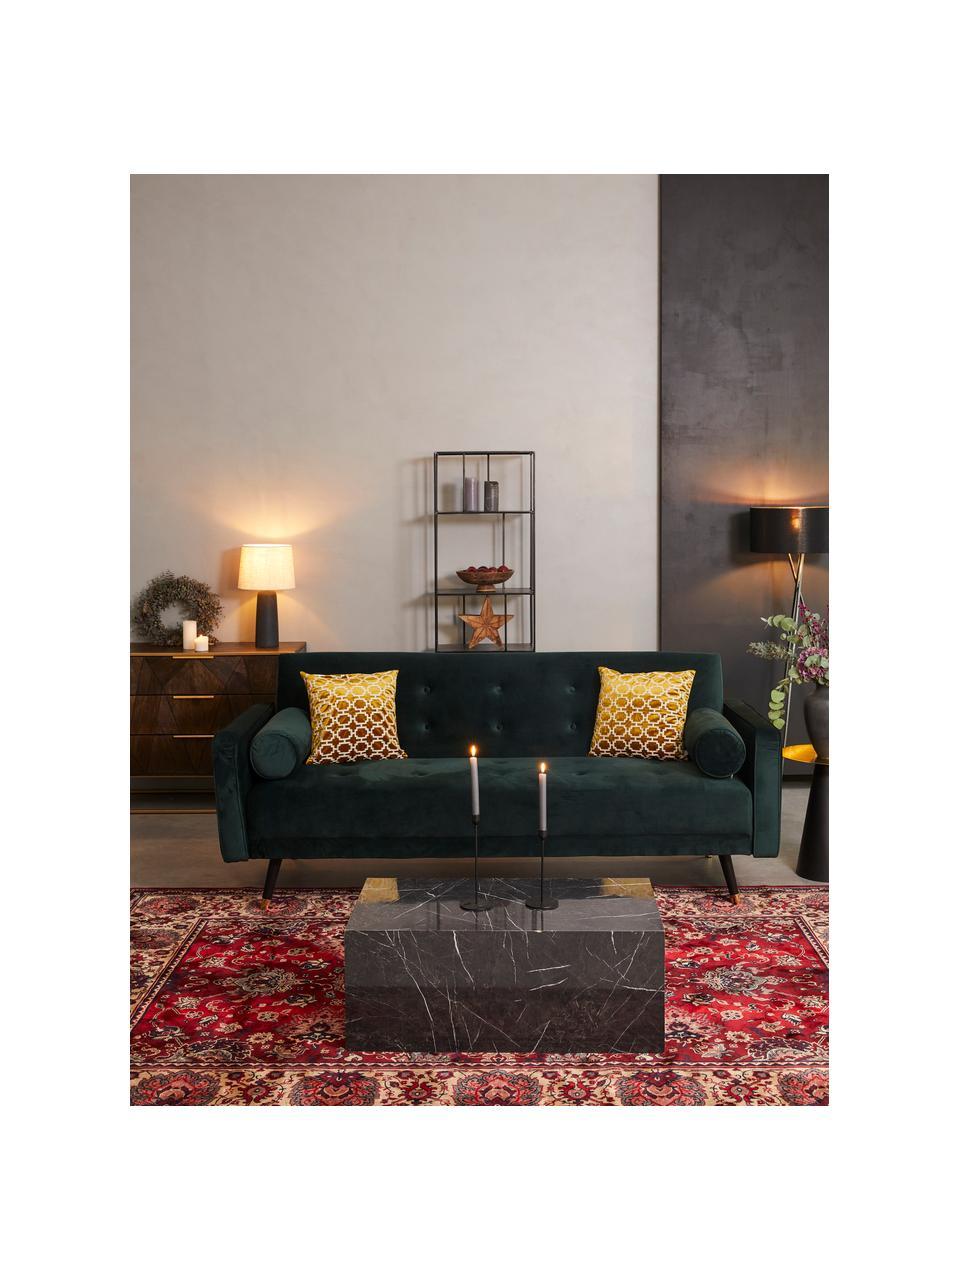 Sofa z funkcją spania z aksamitu z drewnianymi nogami Gia (3-osobowa), Tapicerka: aksamit poliestrowy Dzięk, Nogi: drewno bukowe, lakierowan, Aksamitny ciemny zielony, S 212 x G 93 cm